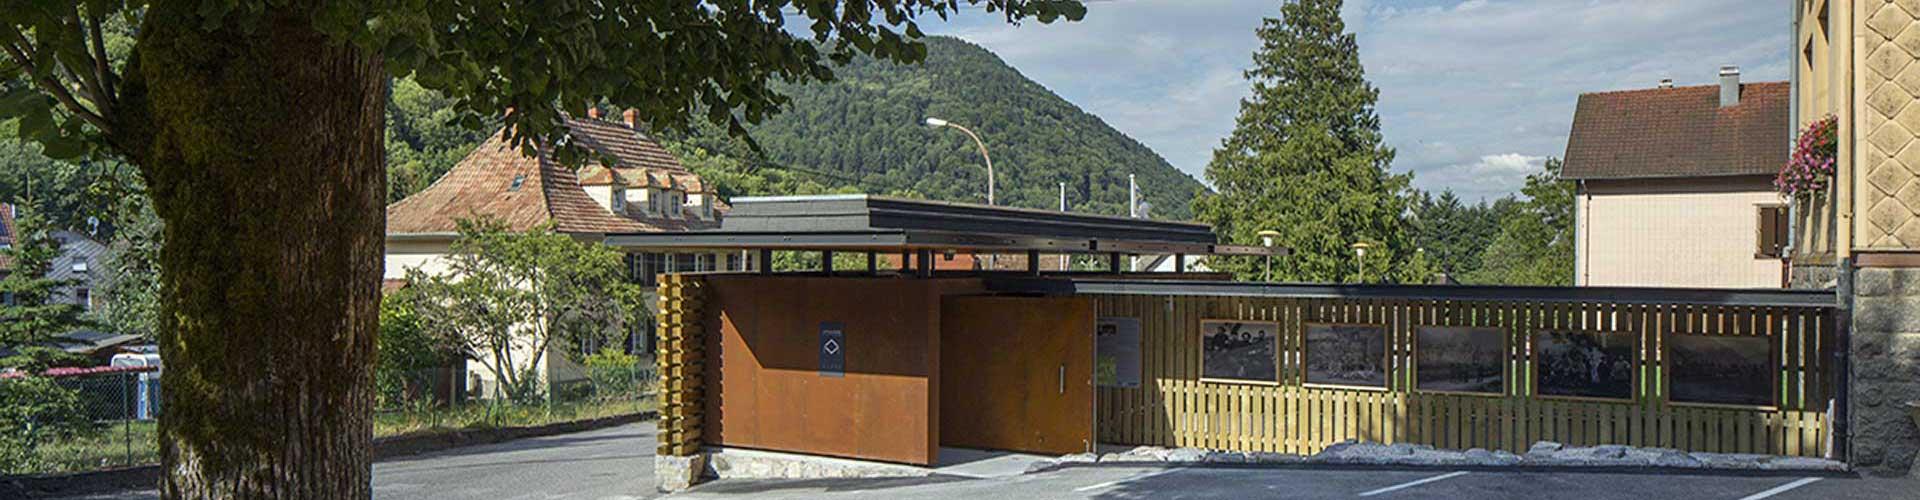 Ouverture du musée de l'ambulance alpine